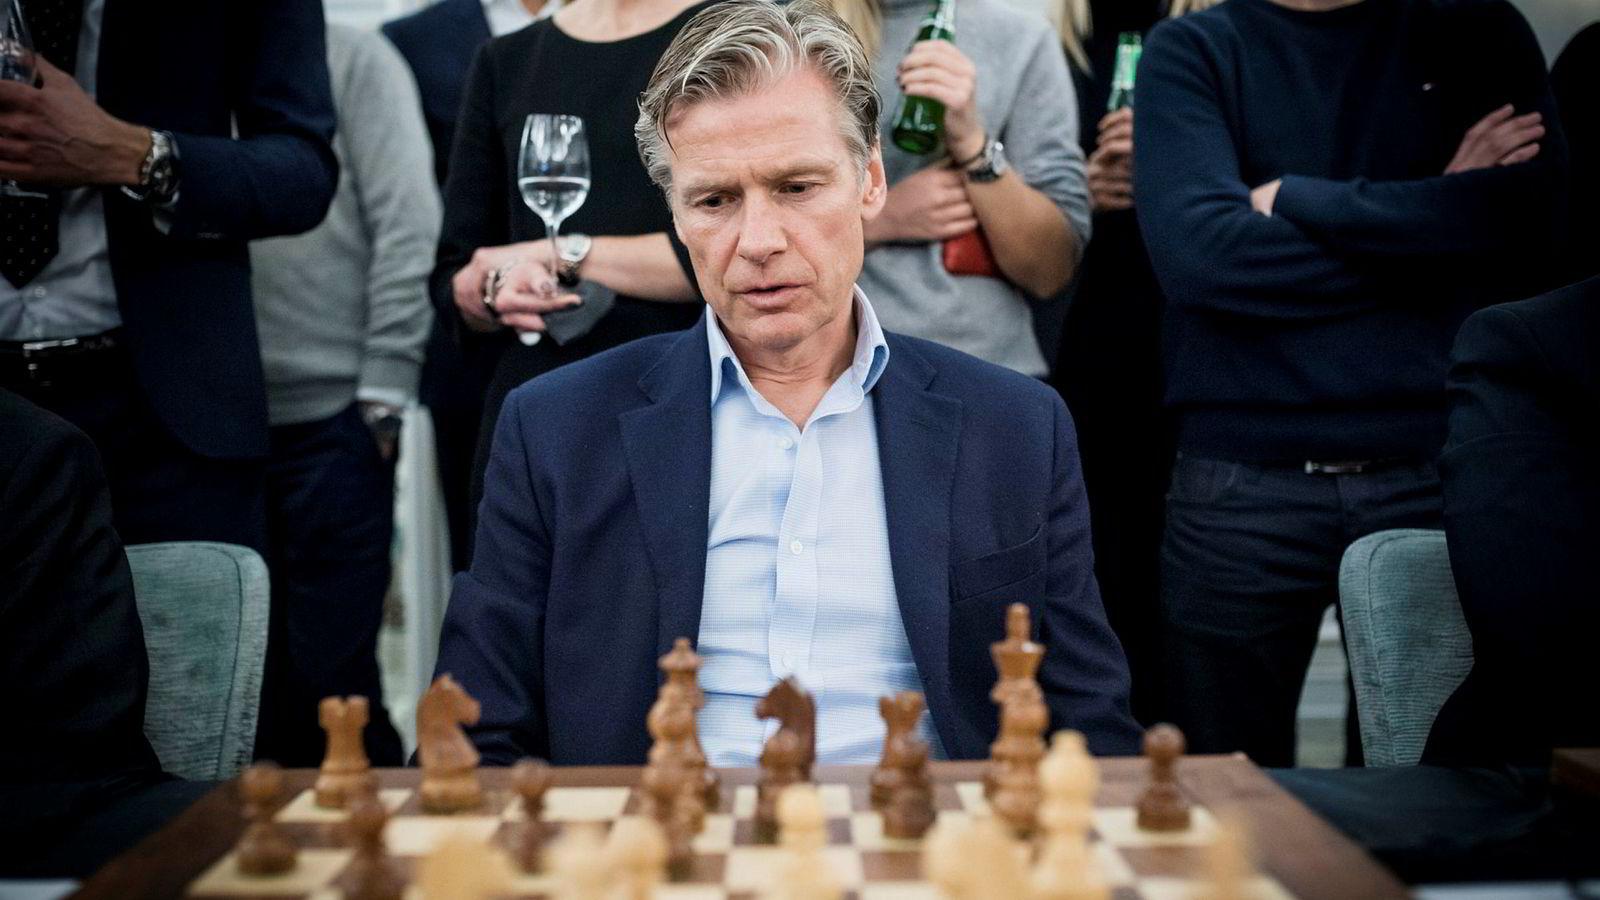 Eiendomsinvestor Edgar Haugen er saksøkt av den eldre kvinnens arving, som mener han betalte underpris for morens leiligheter. Bildet er tatt under et sjakkevenement i 2017.